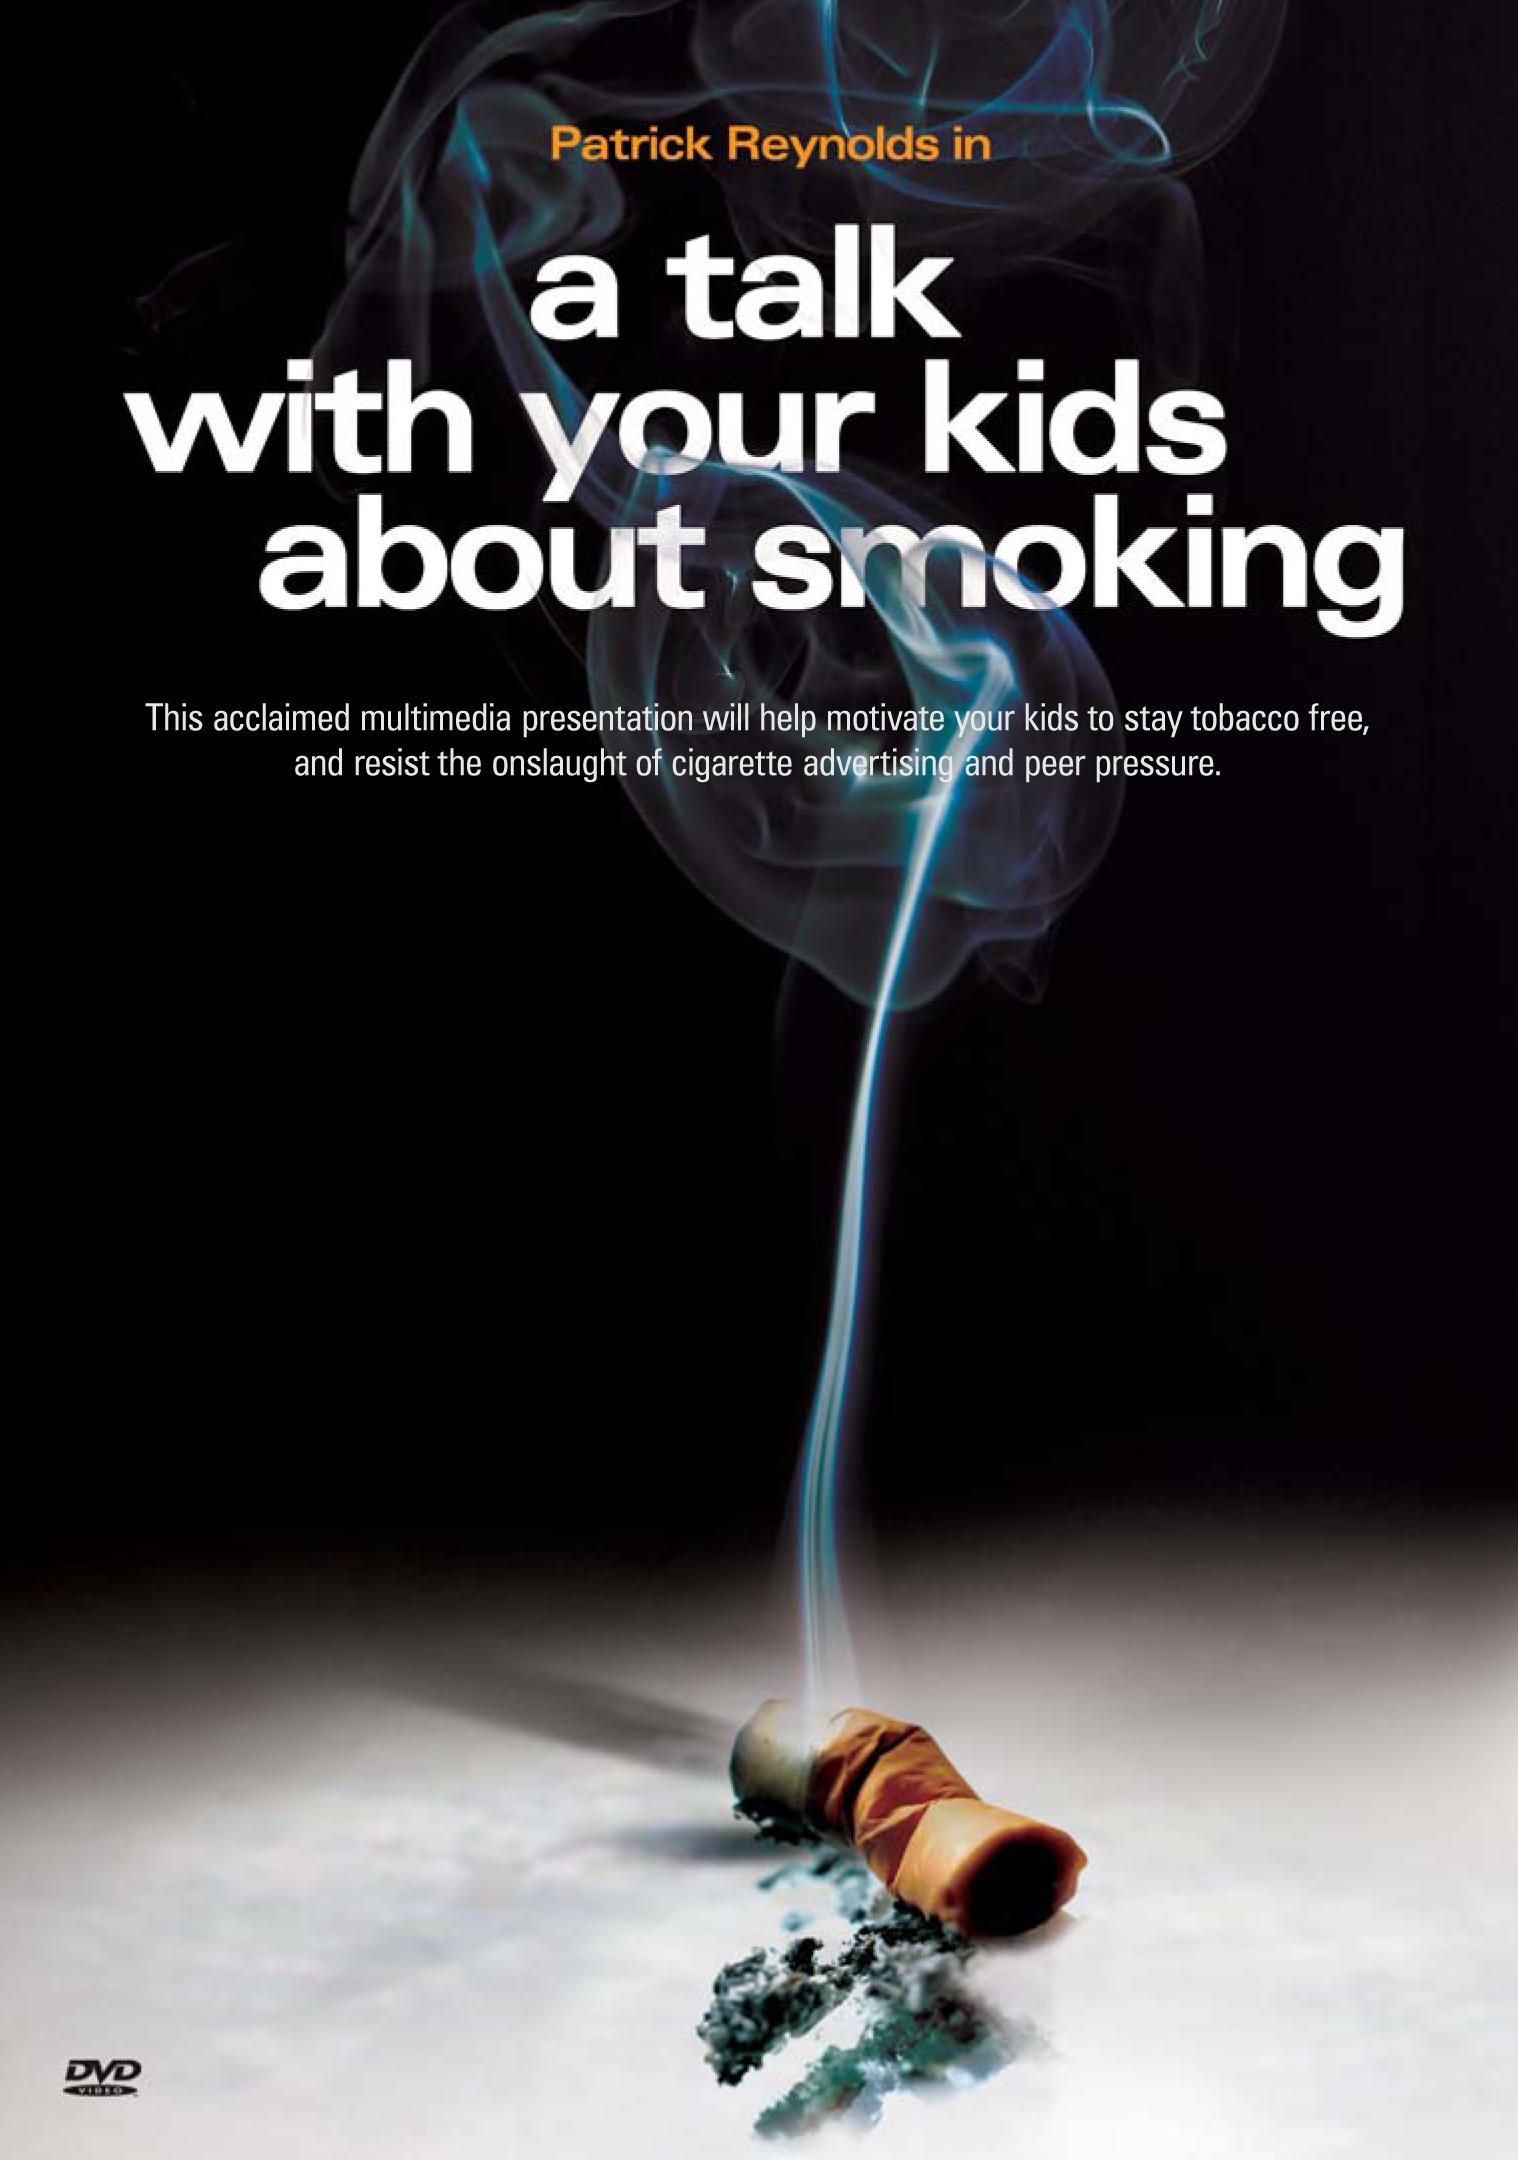 Videotalk Tobaccofree Earth Best Anti Vaping Anti Smoking Resources